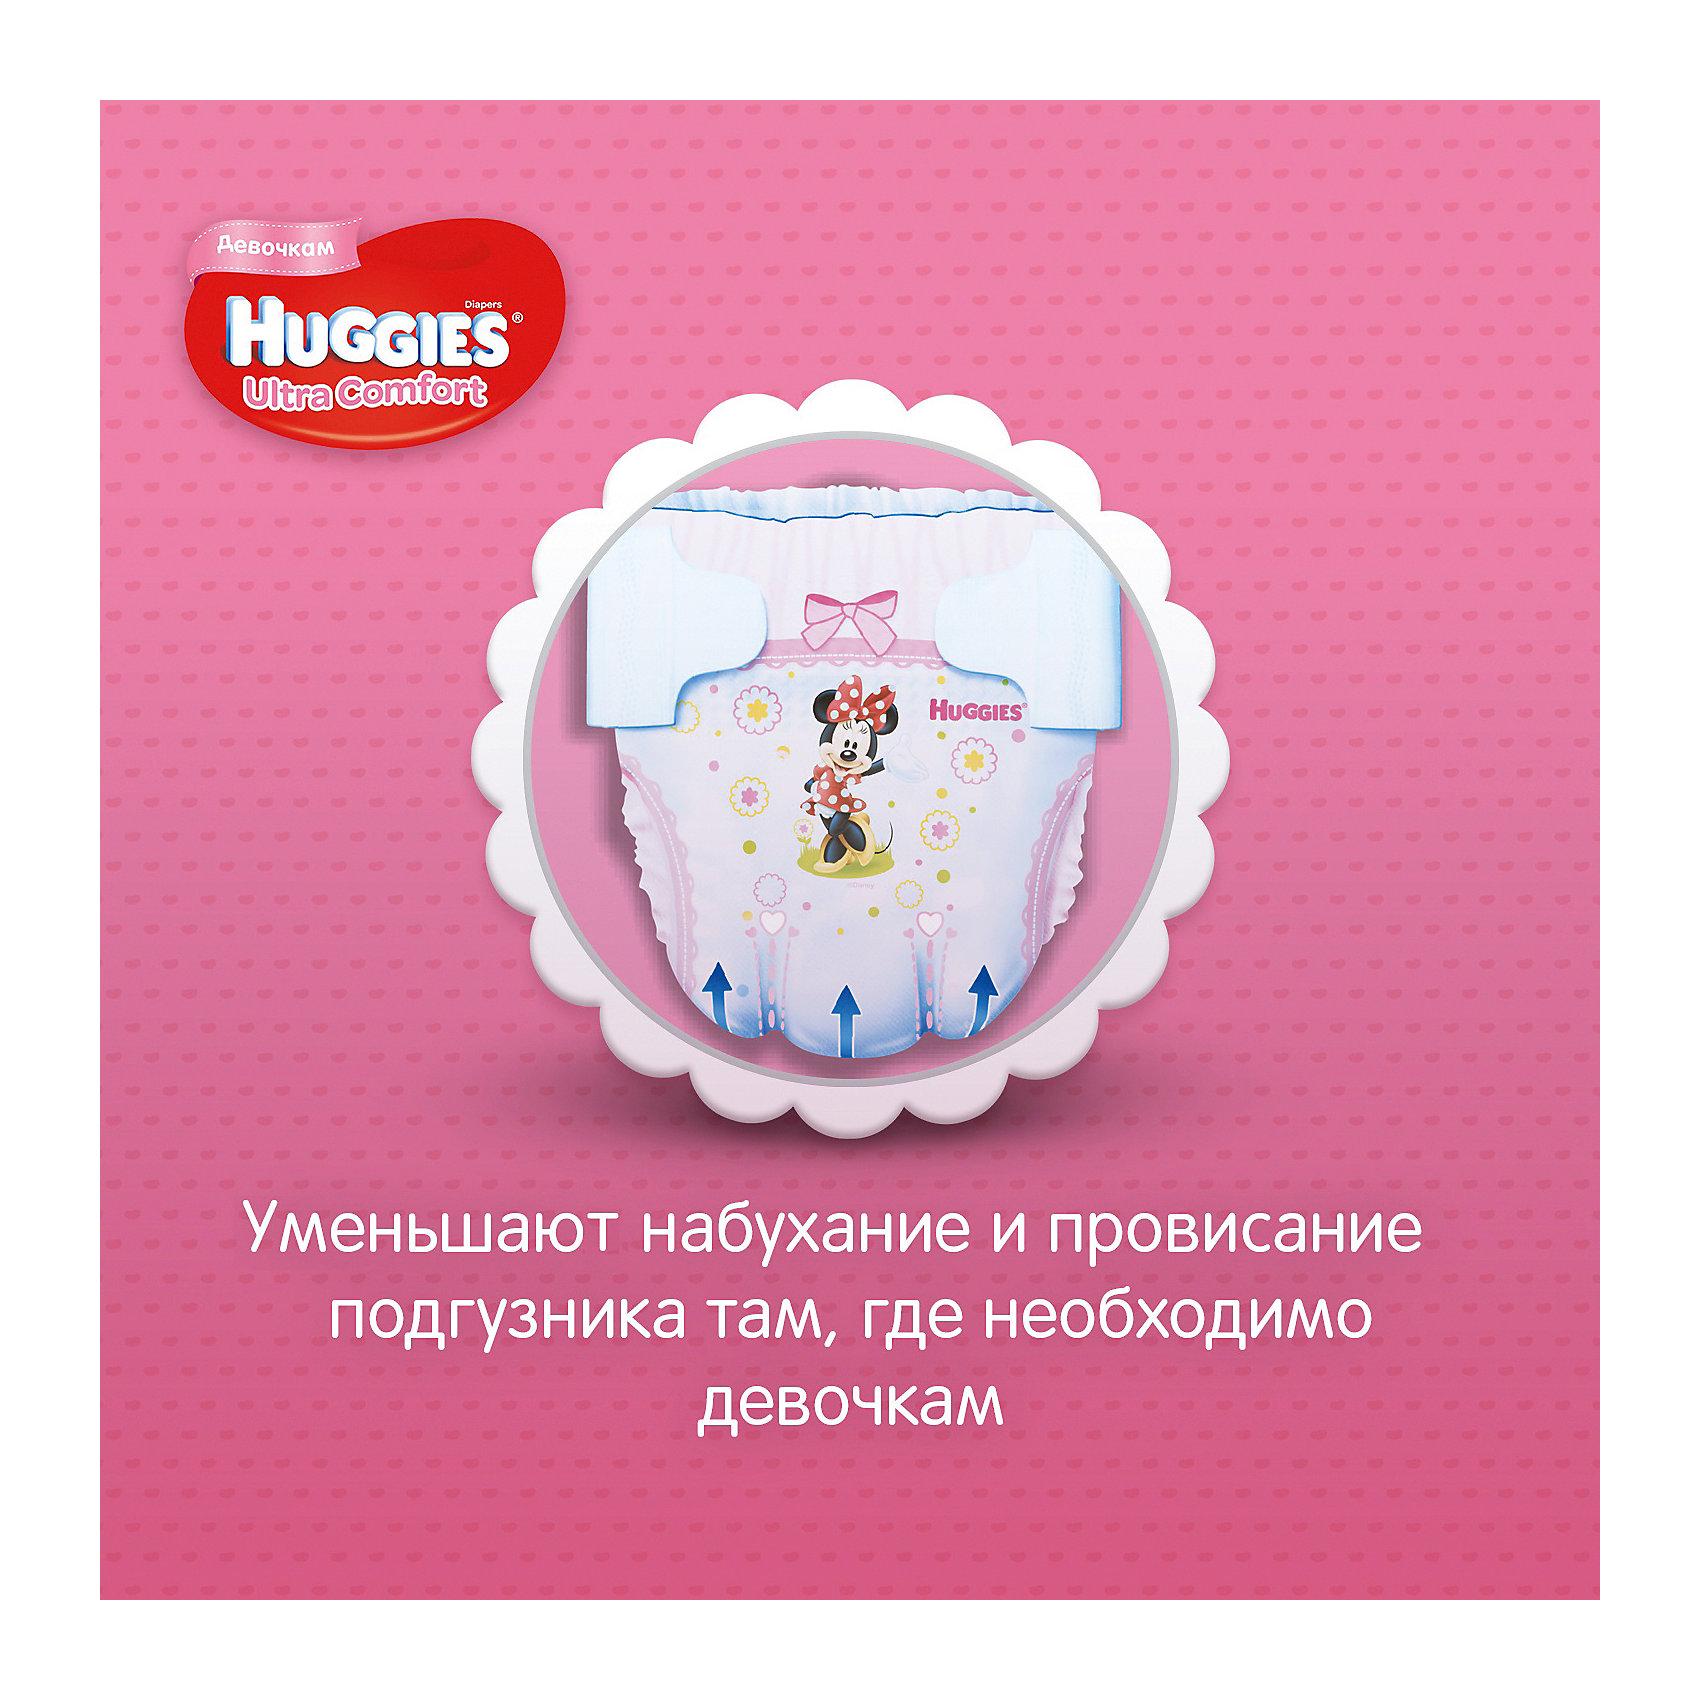 Подгузники Huggies Ultra Comfort 3 для девочек, 5-9 кг, 21шт. от myToys